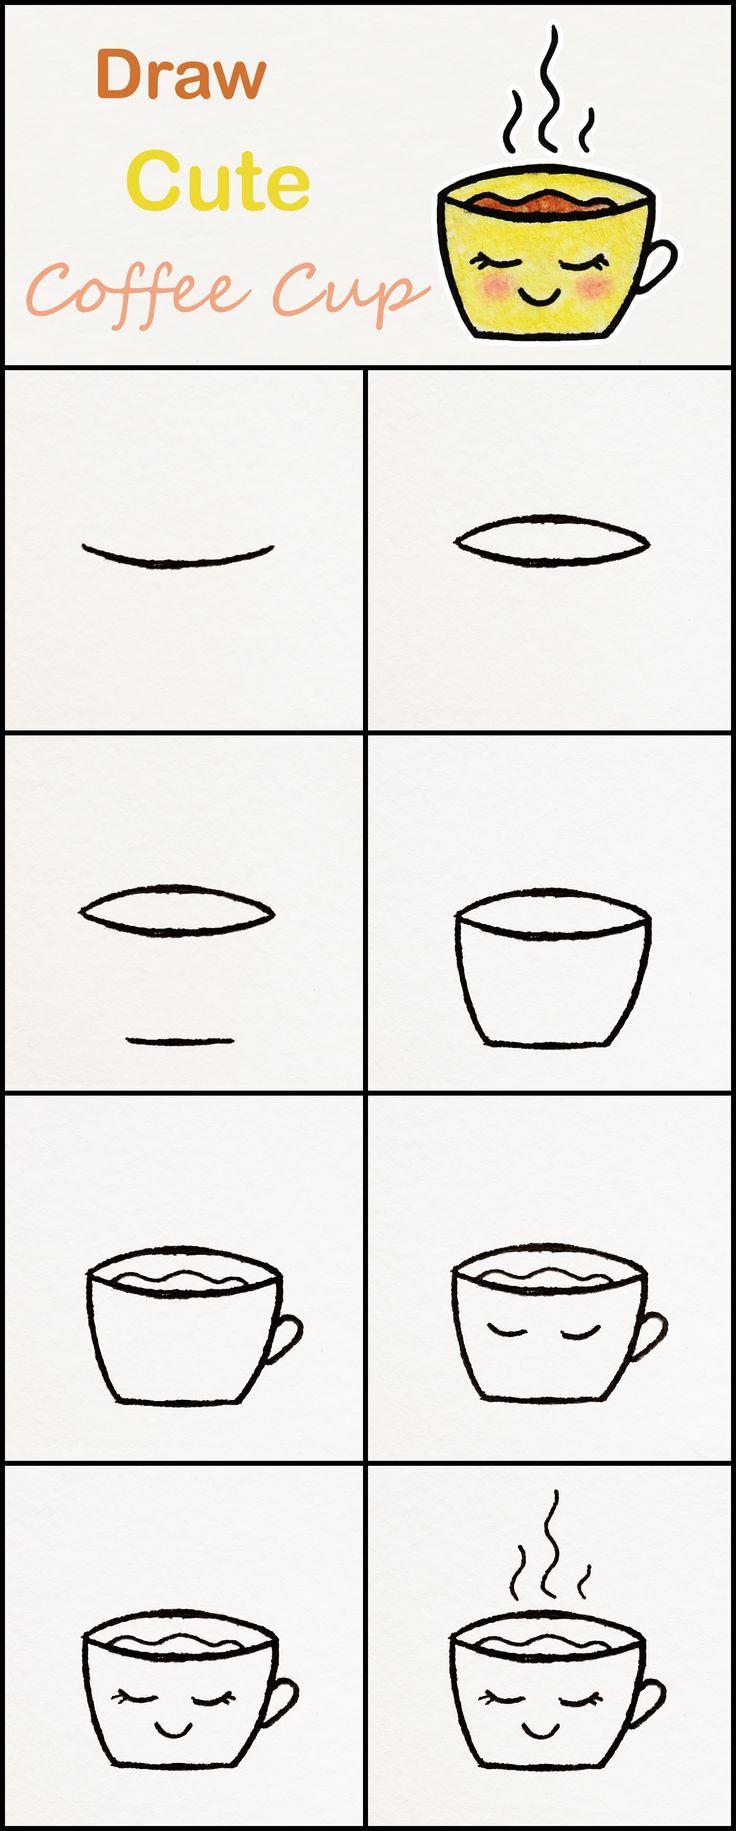 Lerne, wie man Schritt für Schritt eine süße Tasse Kaffee zeichnet ♥ sehr einfaches Tutorial #coffeecups